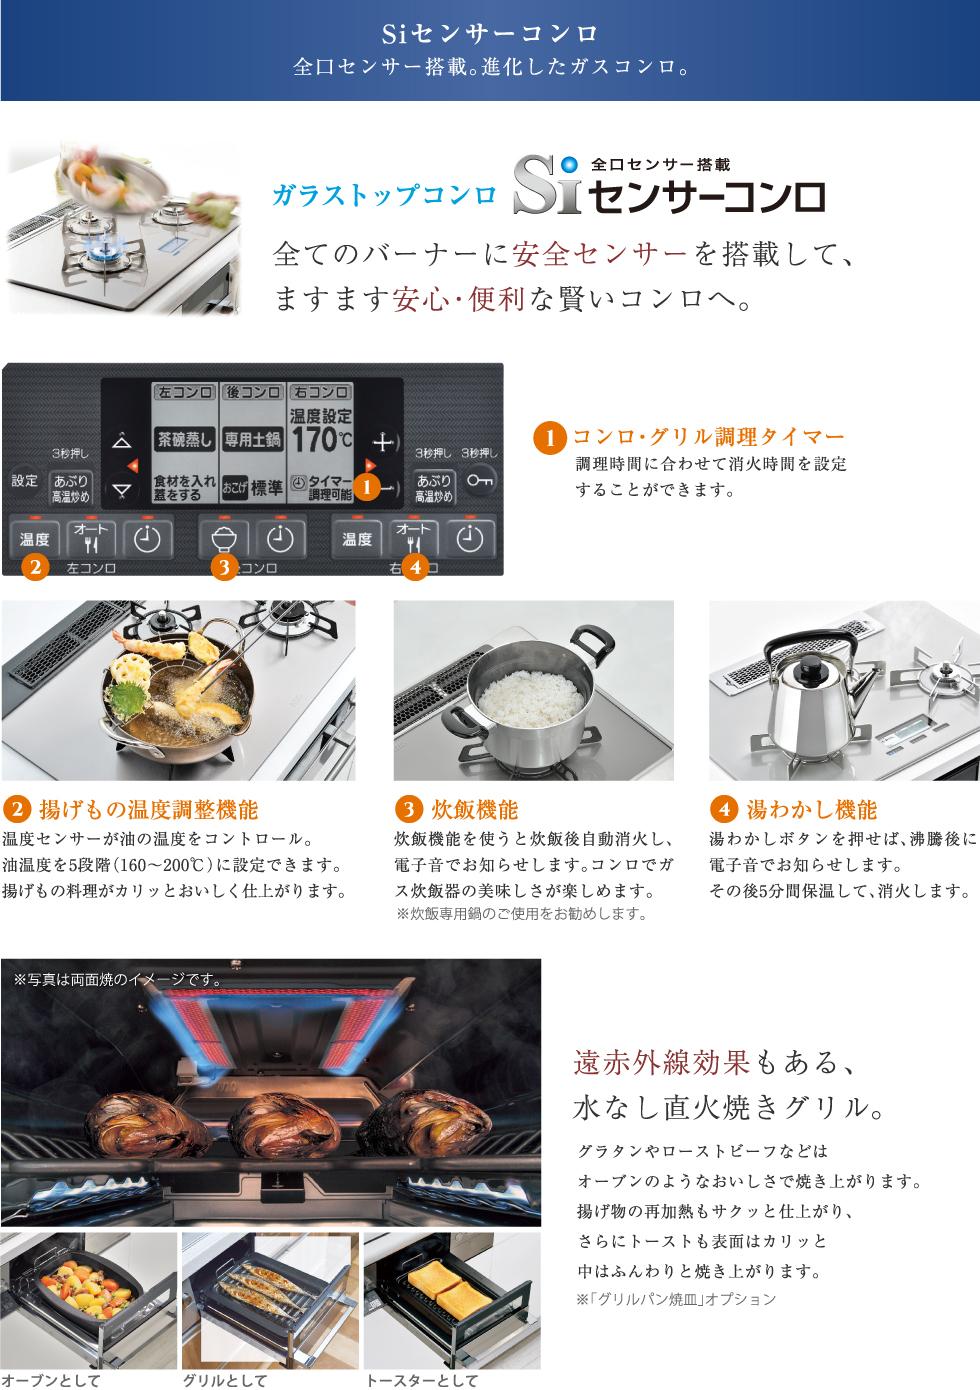 ガス   Takara standardのSiセンサーコンロ